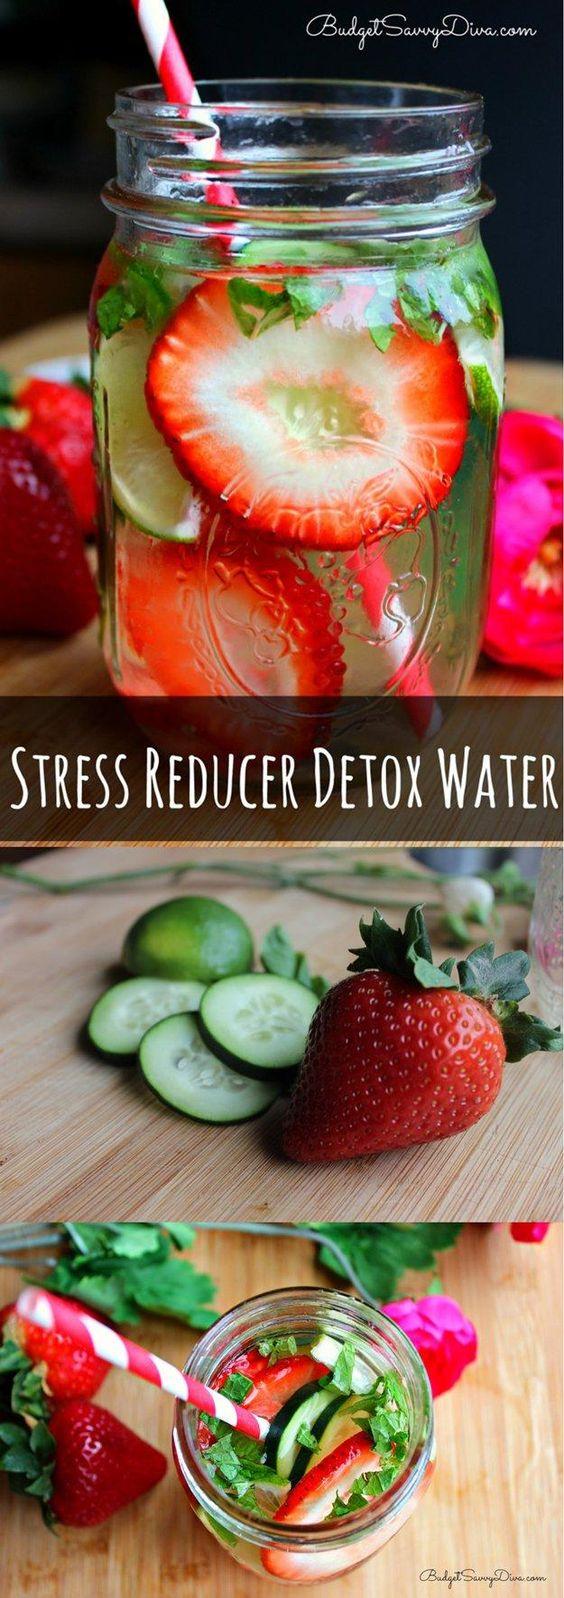 Easy Healthy Detox Water Recipe.